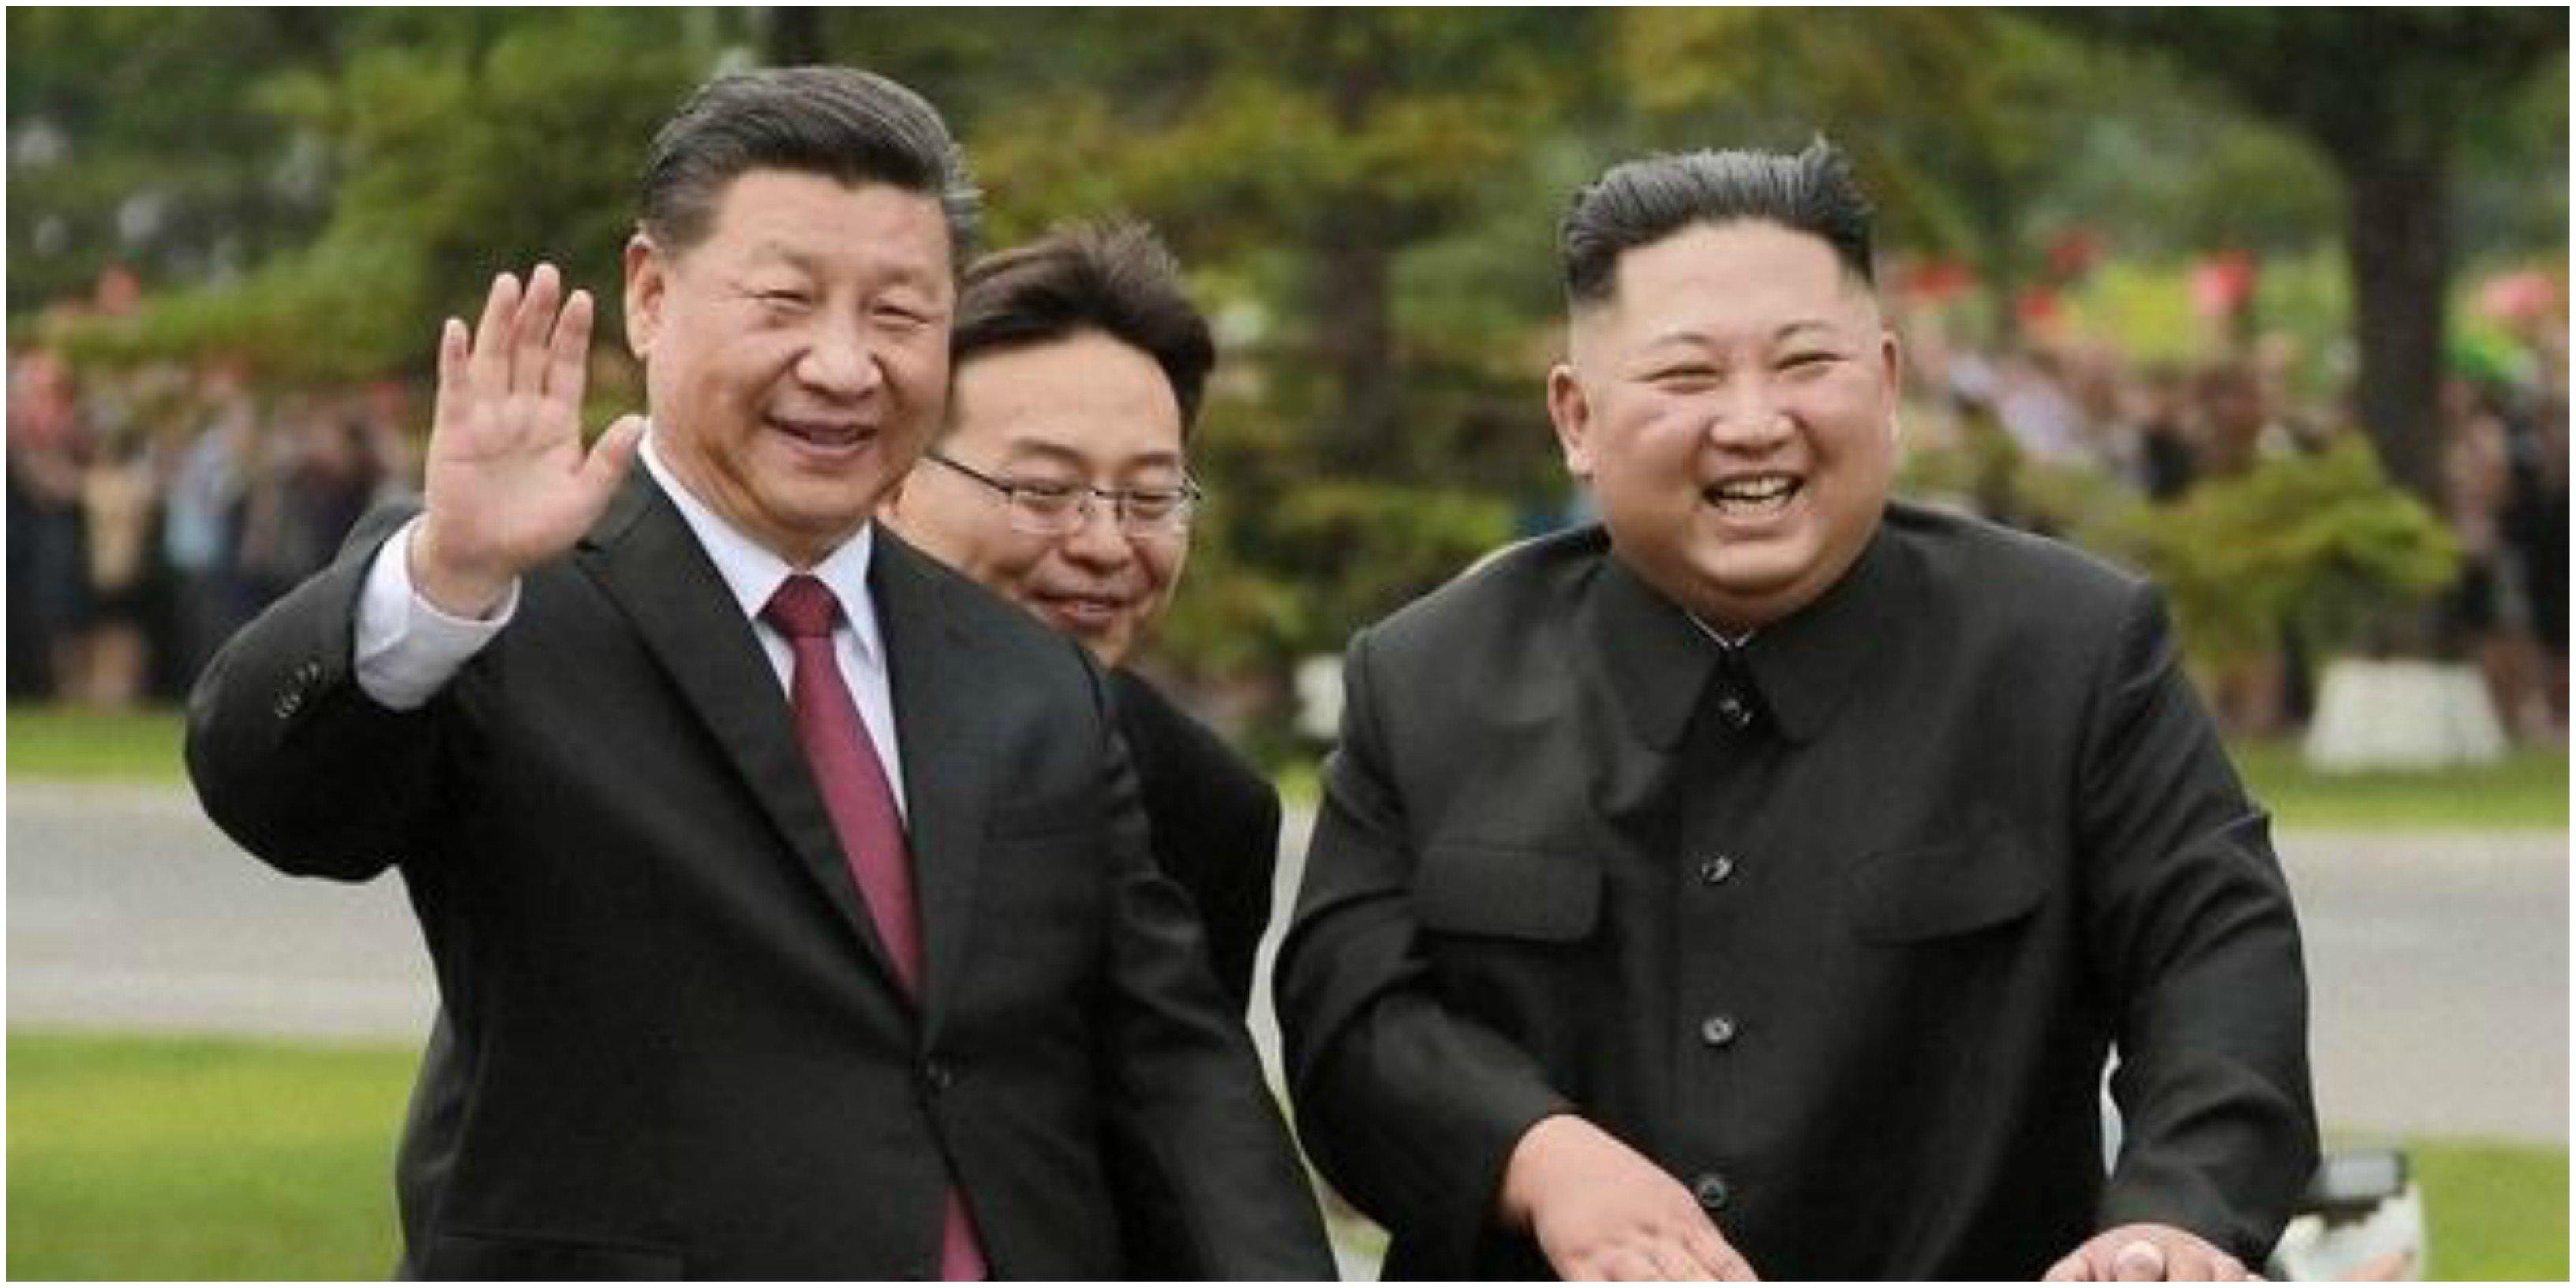 Kim felicita a Xi: definitivamente China ha ganado la batalla a EE UU